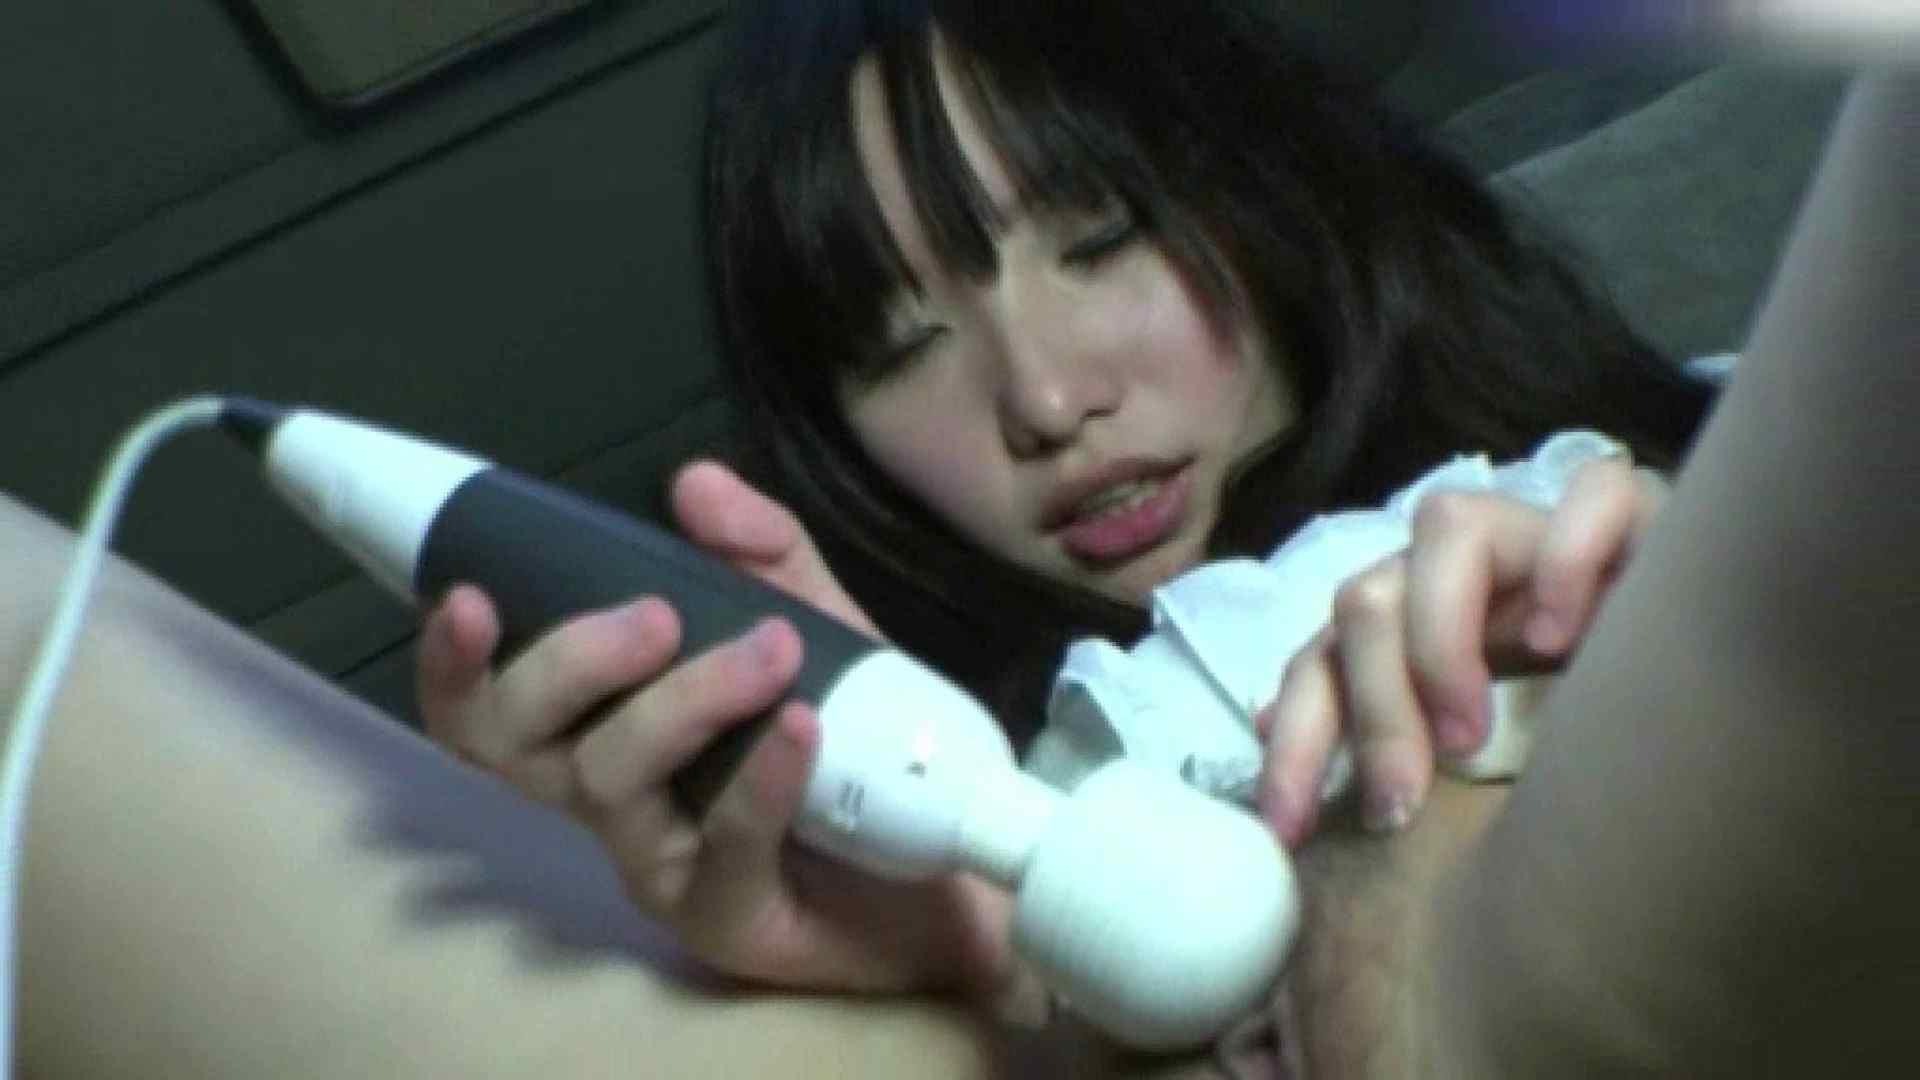 アヘ顔のわたしってどうかしら Vol.044 エッチな美女 オメコ無修正動画無料 61pic 13